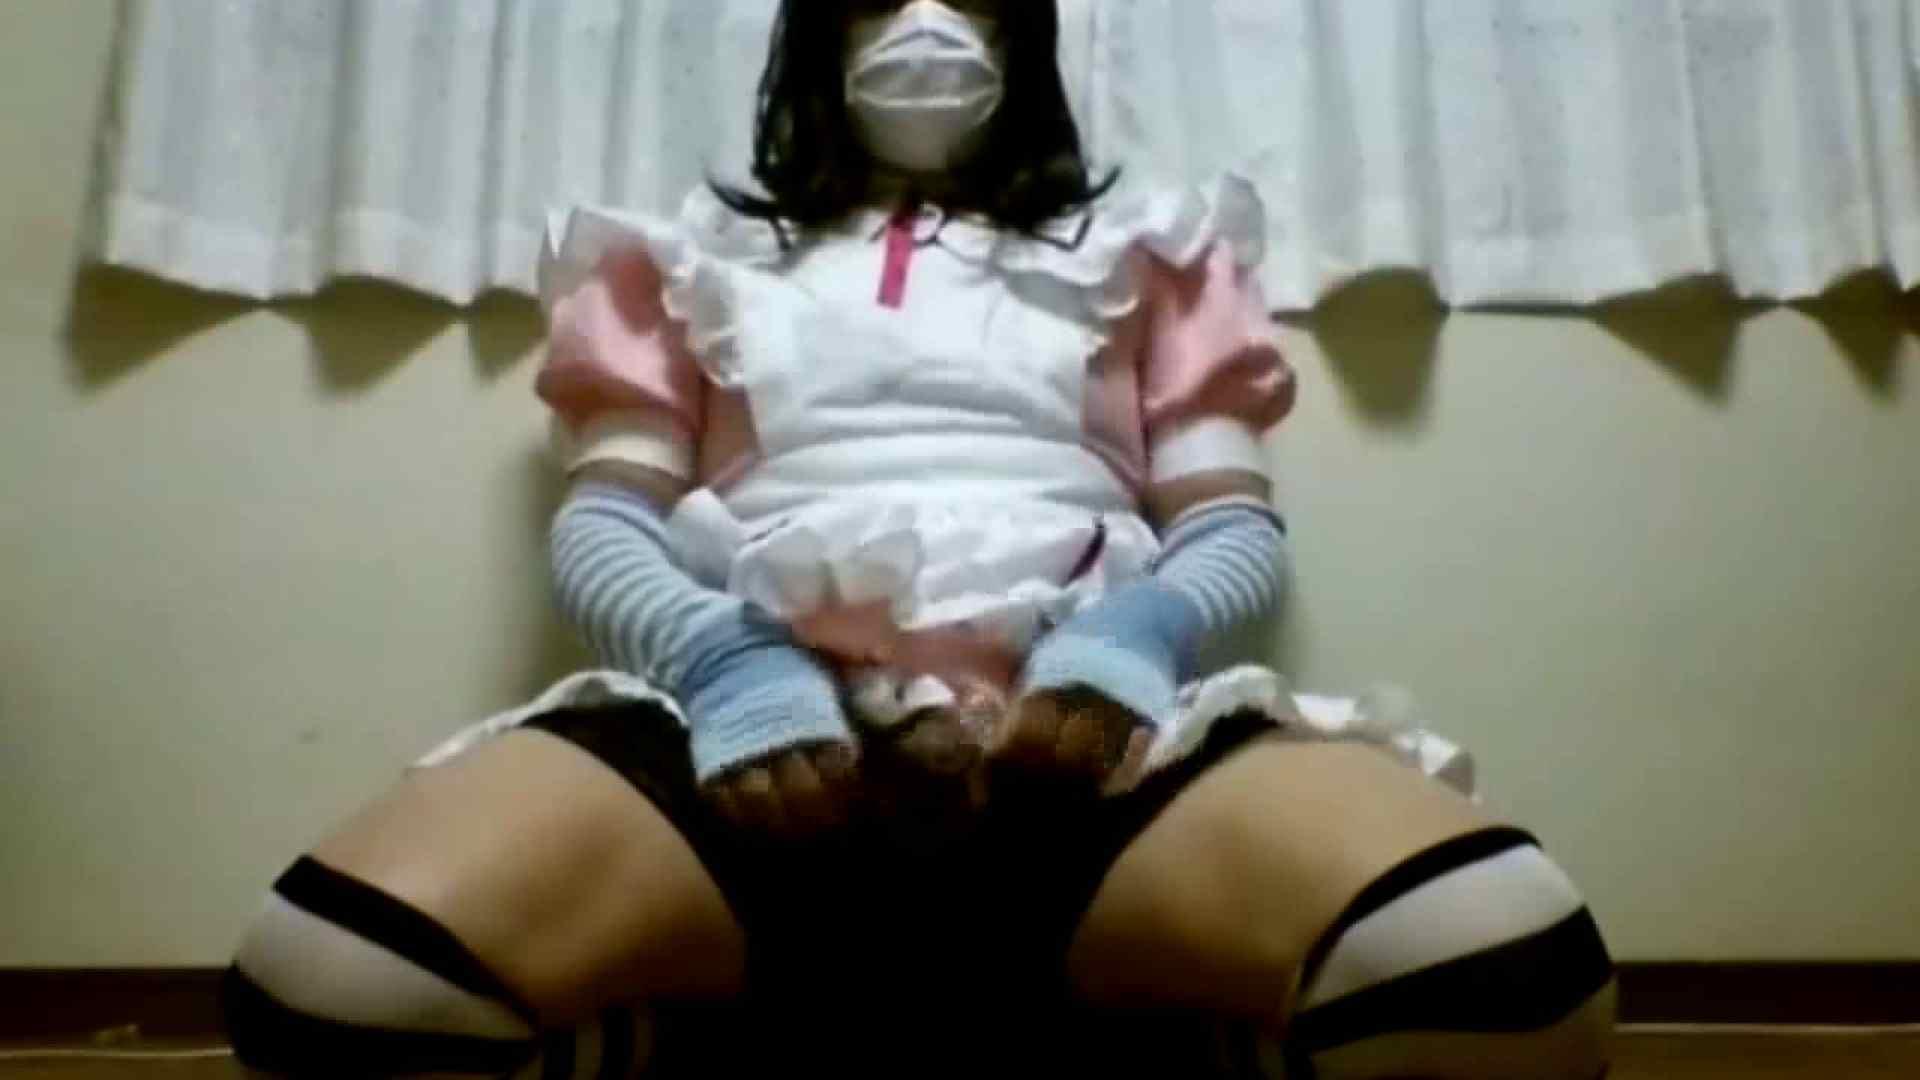 男のKOスプレー!Vol.10 オナニー | 手コキ アダルトビデオ画像キャプチャ 73pic 31